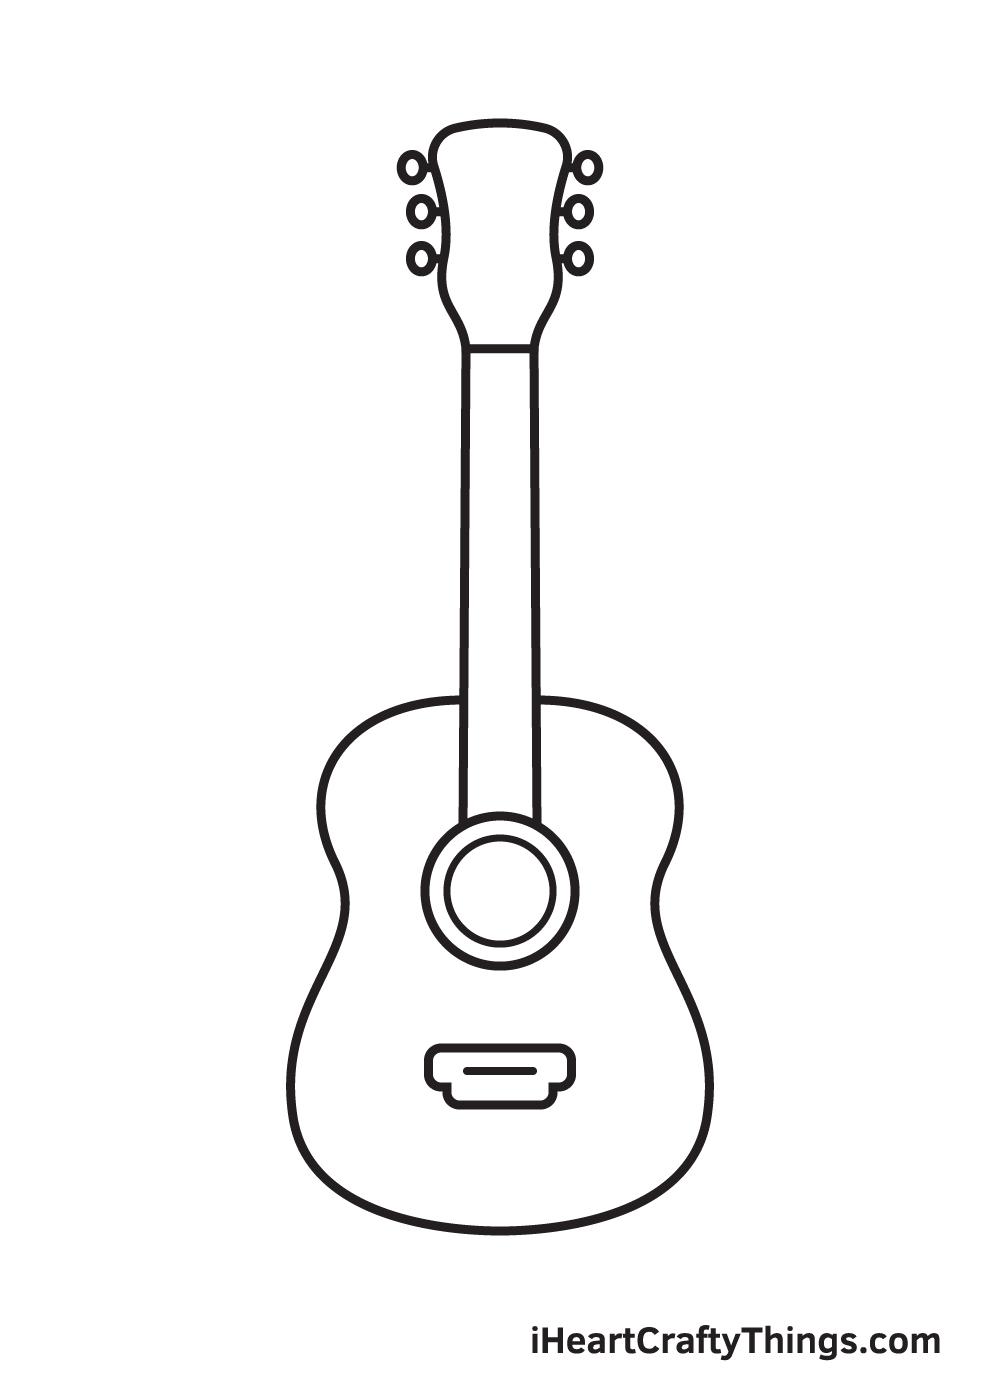 Vẽ đàn guitar - Bước 7